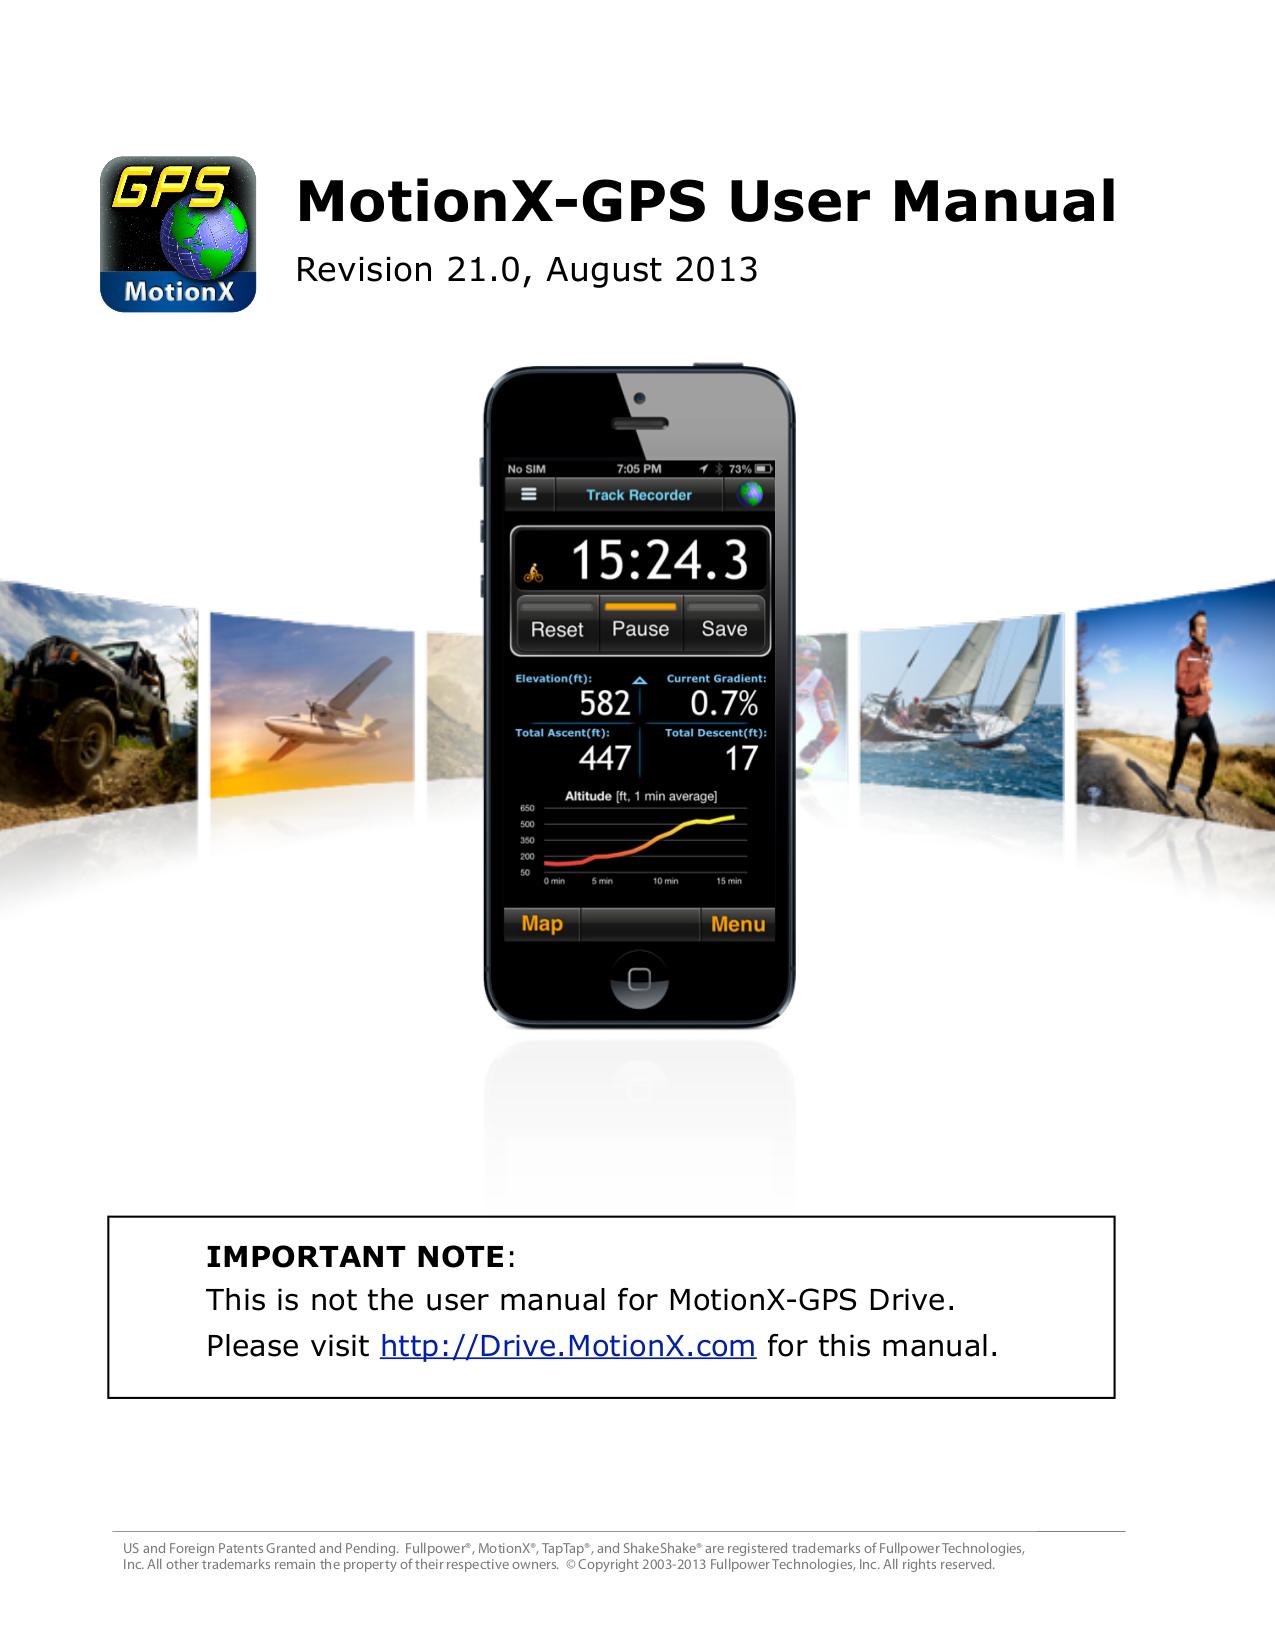 download free pdf for xroad v4150 gps manual rh umlib com MotionX GPS App MotionX-GPS Lite